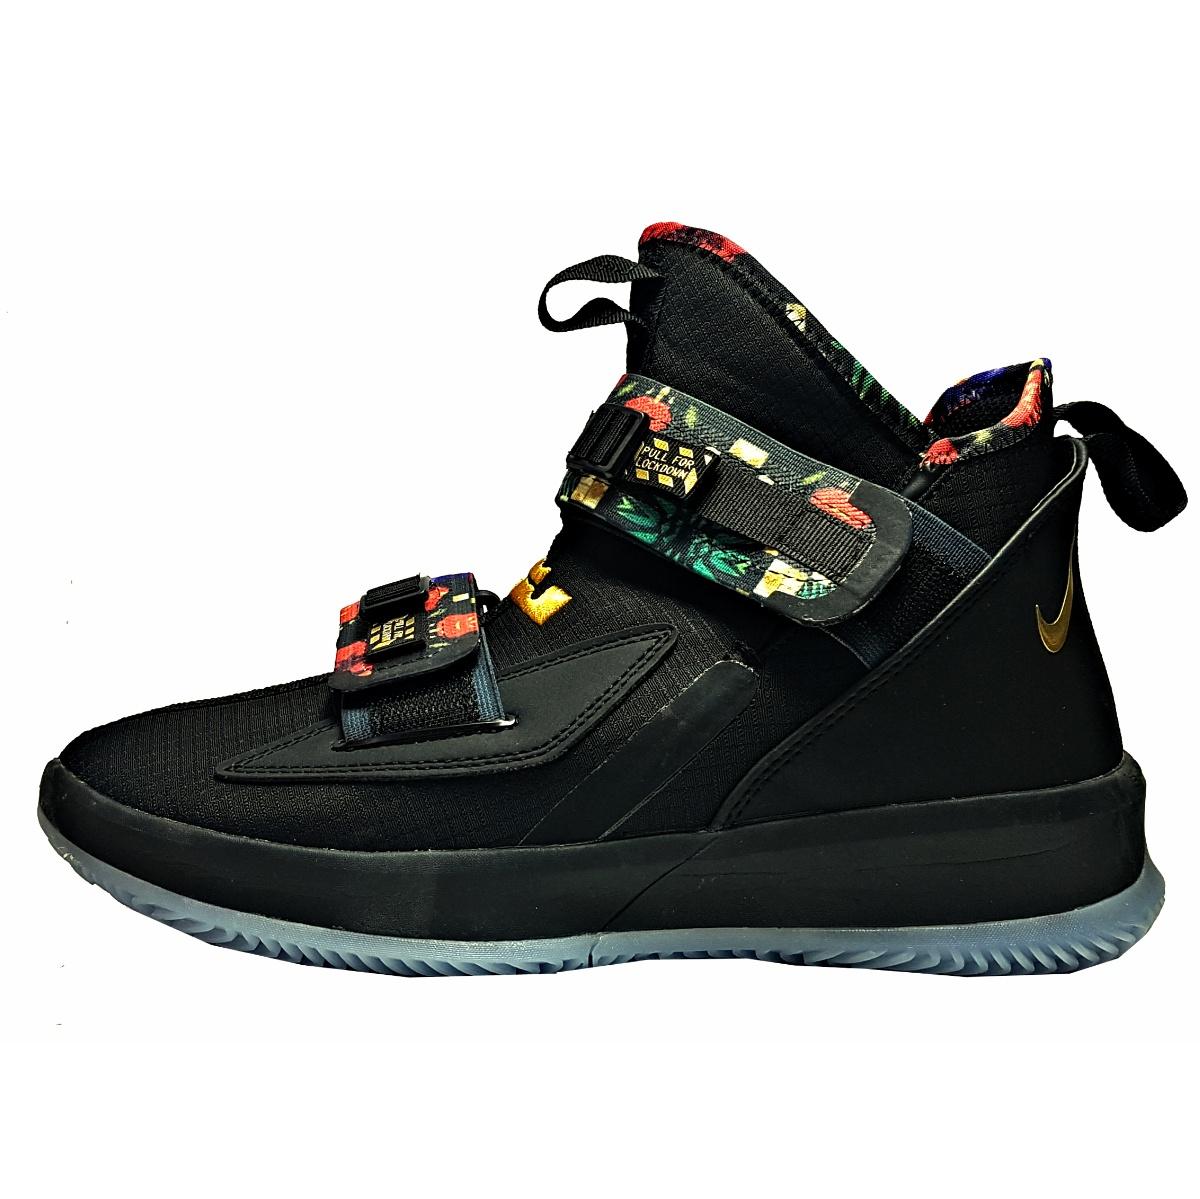 خرید                      کفش بسکتبال مردانه مدل Lebron Soldier XIII 13 SFG              👟